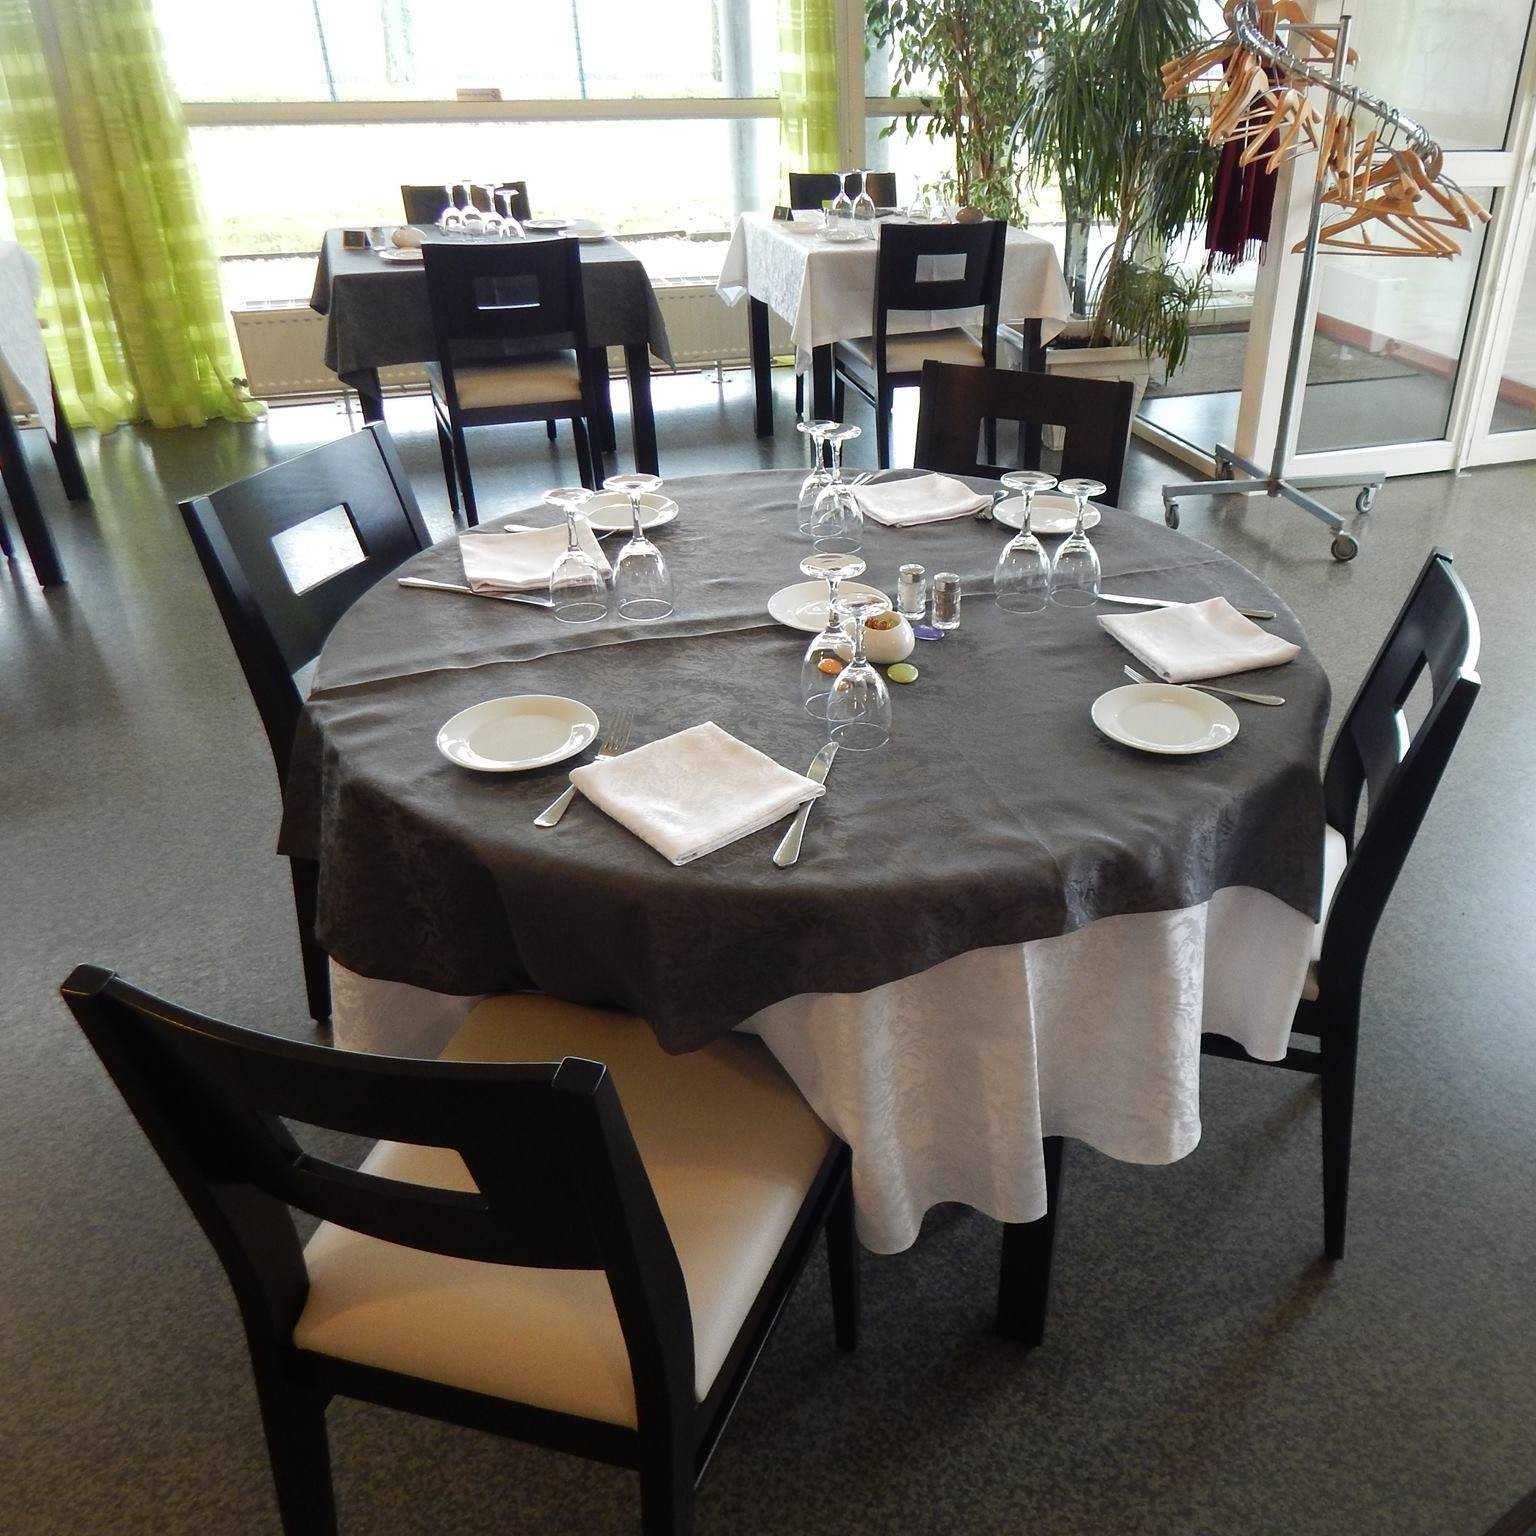 ESAT de l'Estuaire (Gonfreville L'Orcher) - Restaurant gastronomique